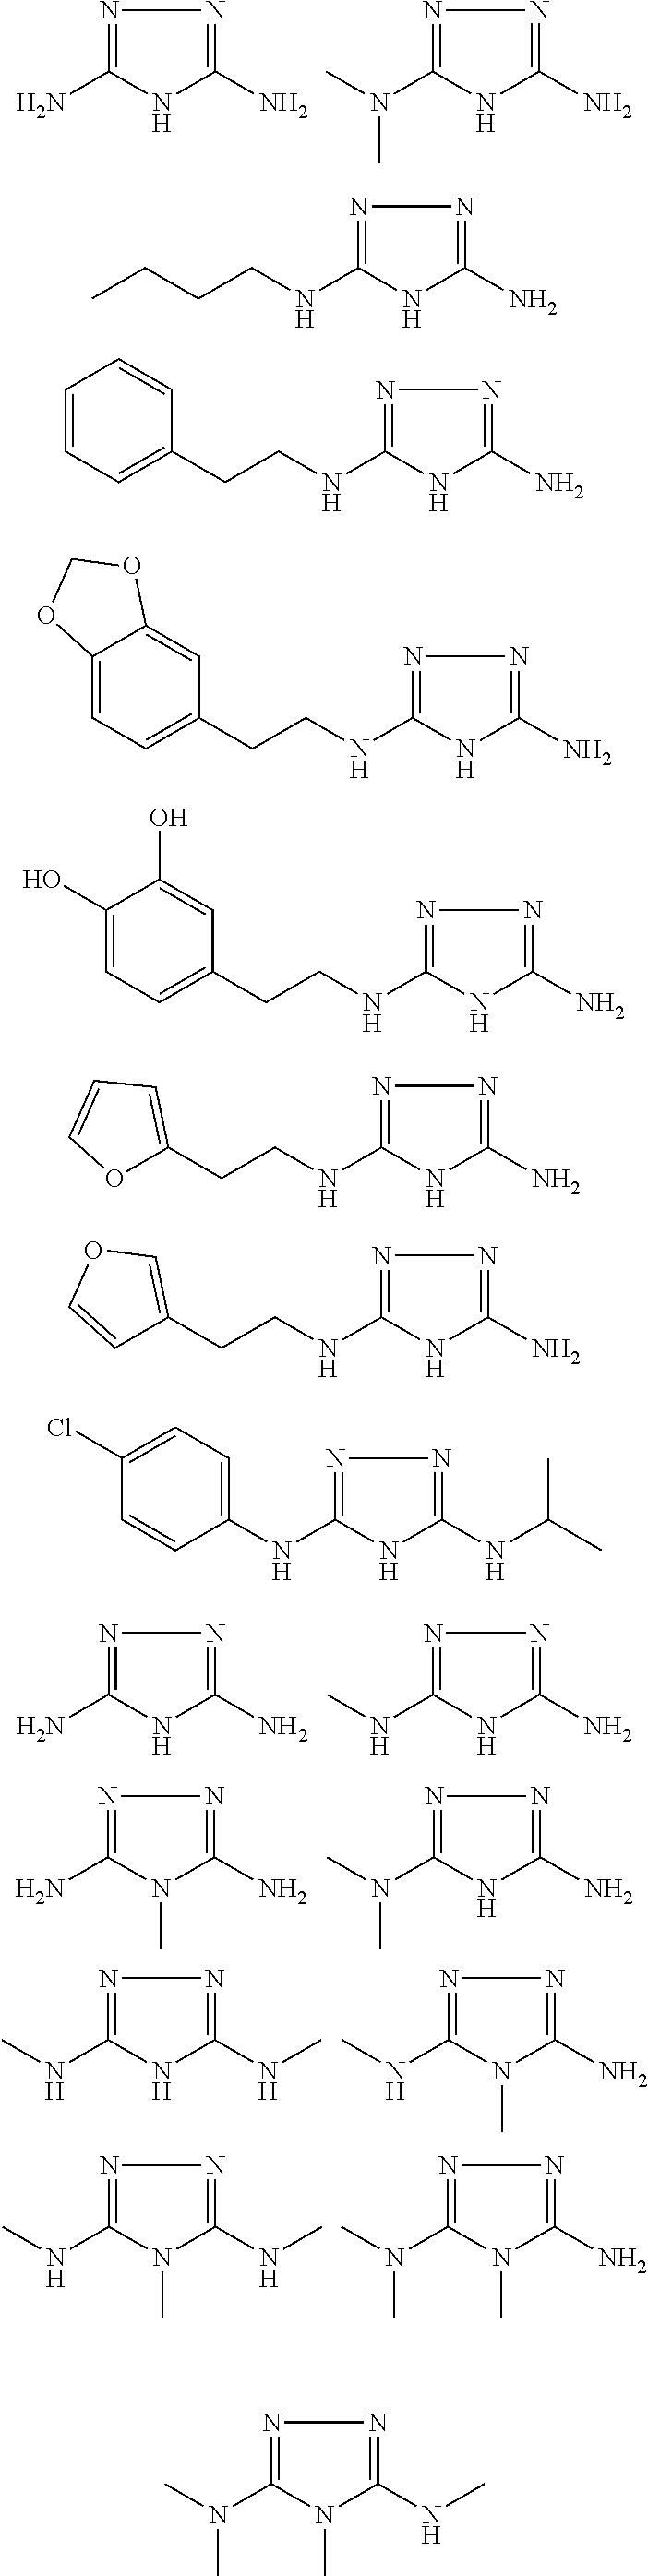 Figure US09480663-20161101-C00054